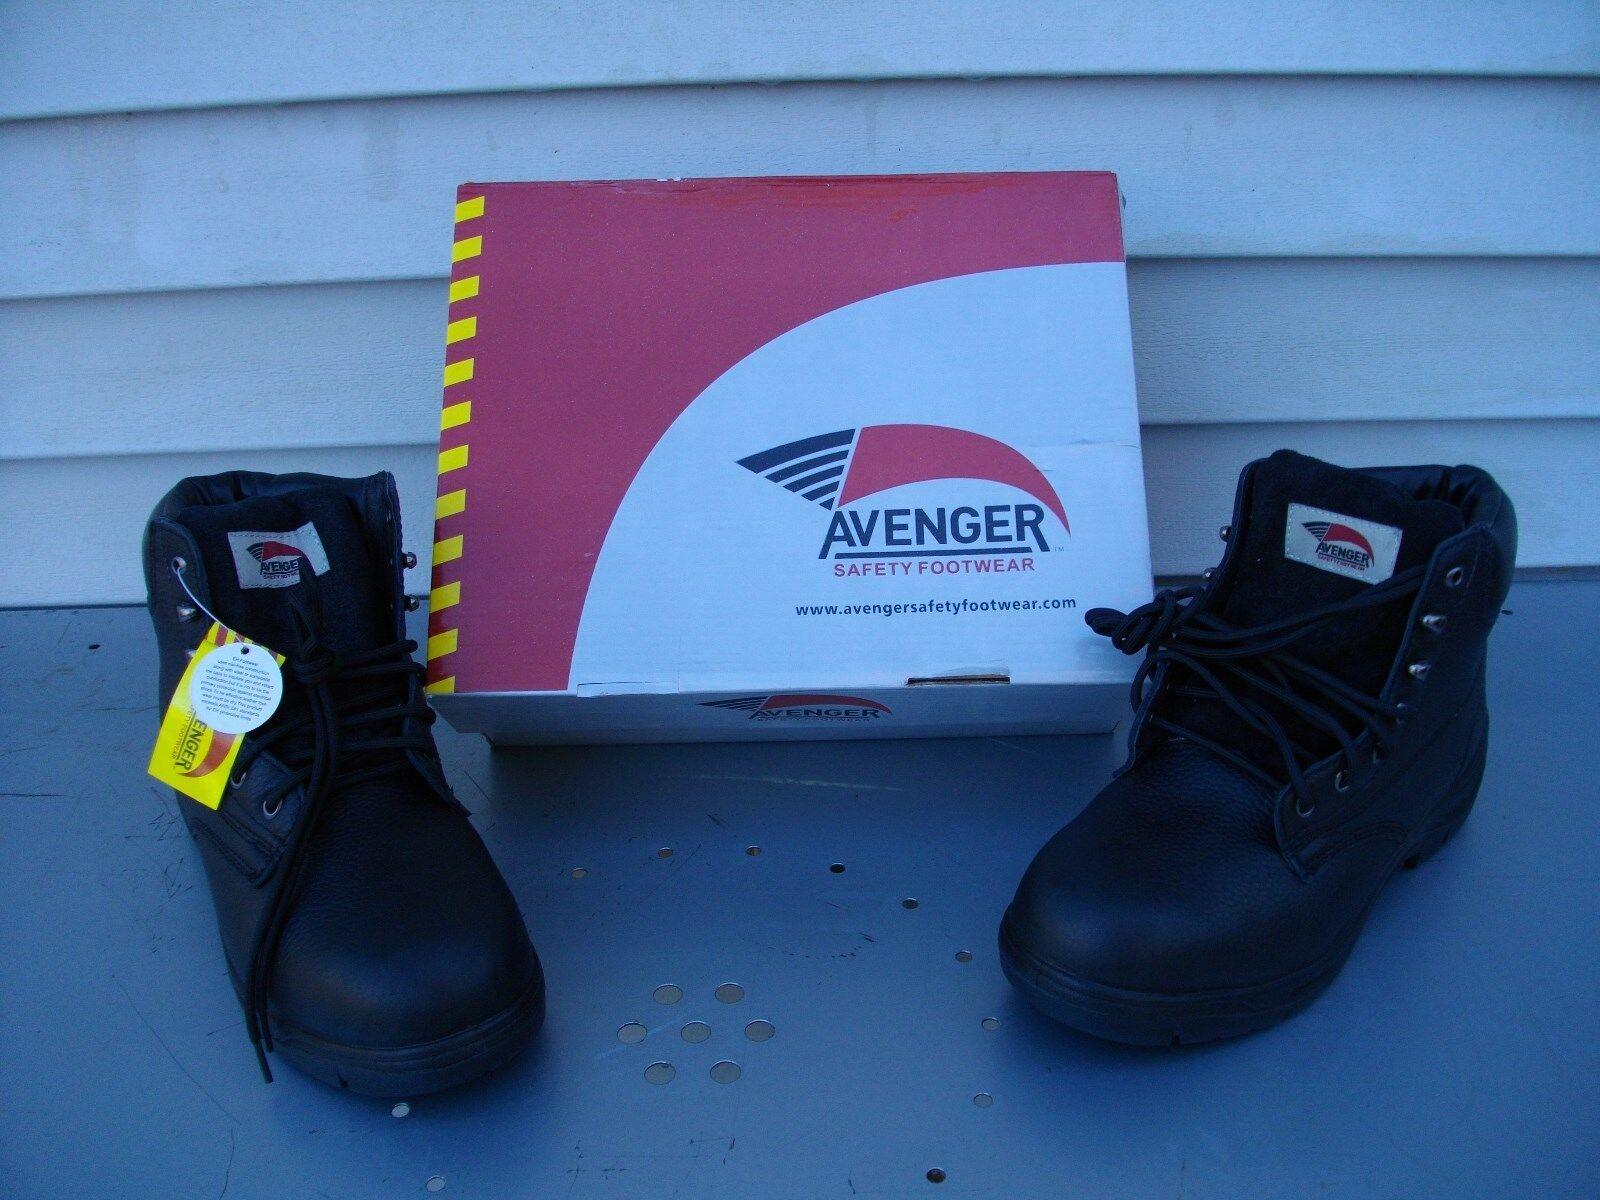 AVENGER para Hombre botas De Trabajo Puntera De Seguridad ELECTRICAL peligro A7212W 9 W